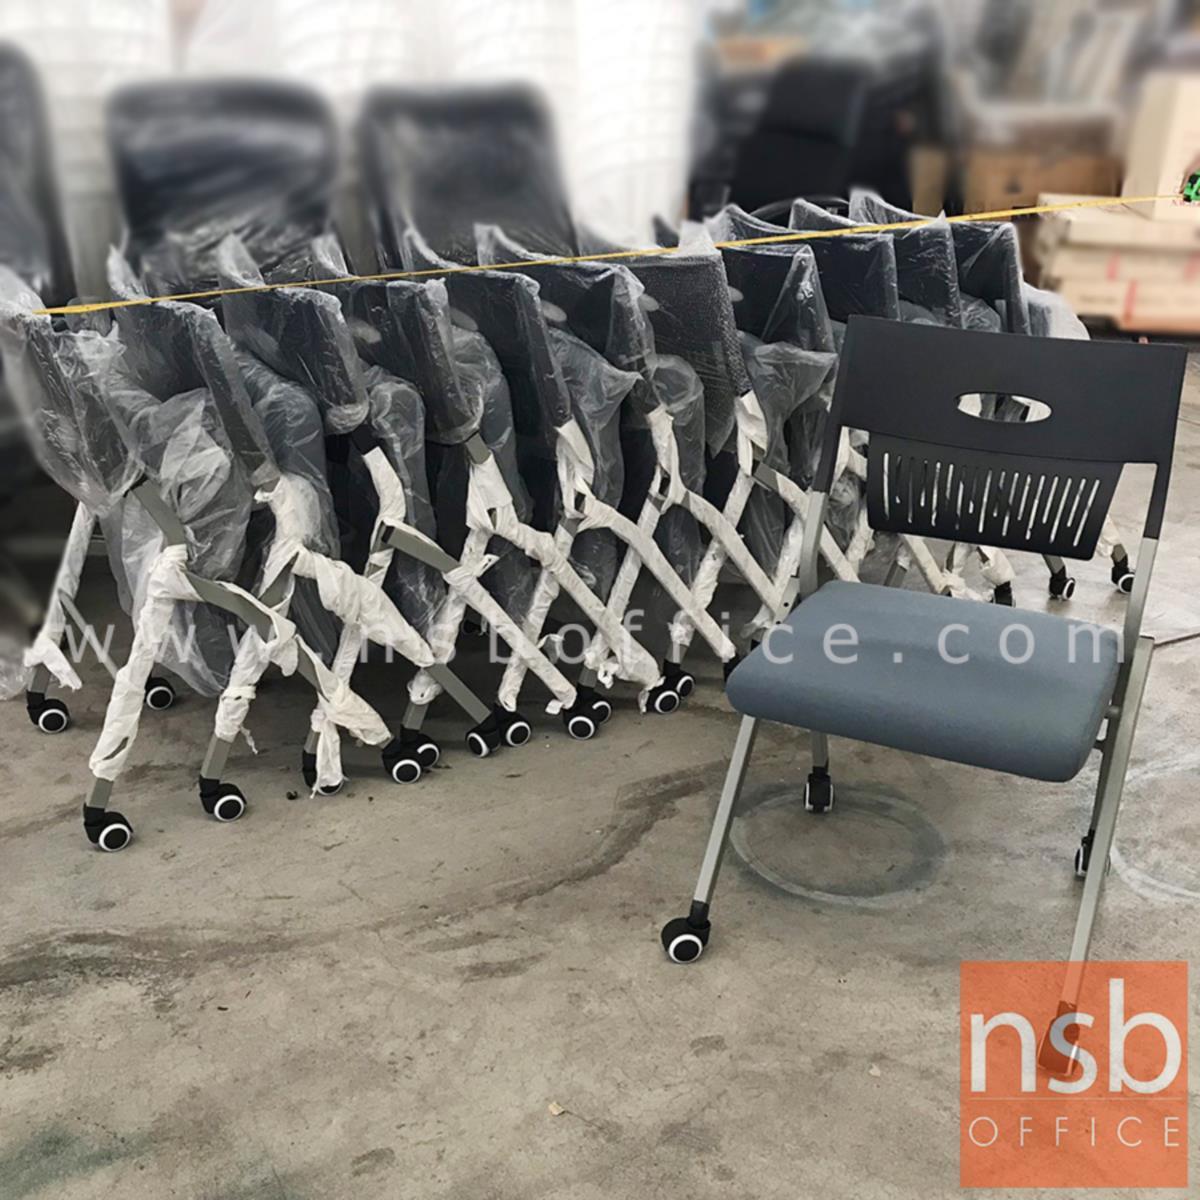 เก้าอี้สำนักงานโพลี่ล้อเลื่อน รุ่น Milton (มิลตัน)  ขาเหล็กพ่นสี